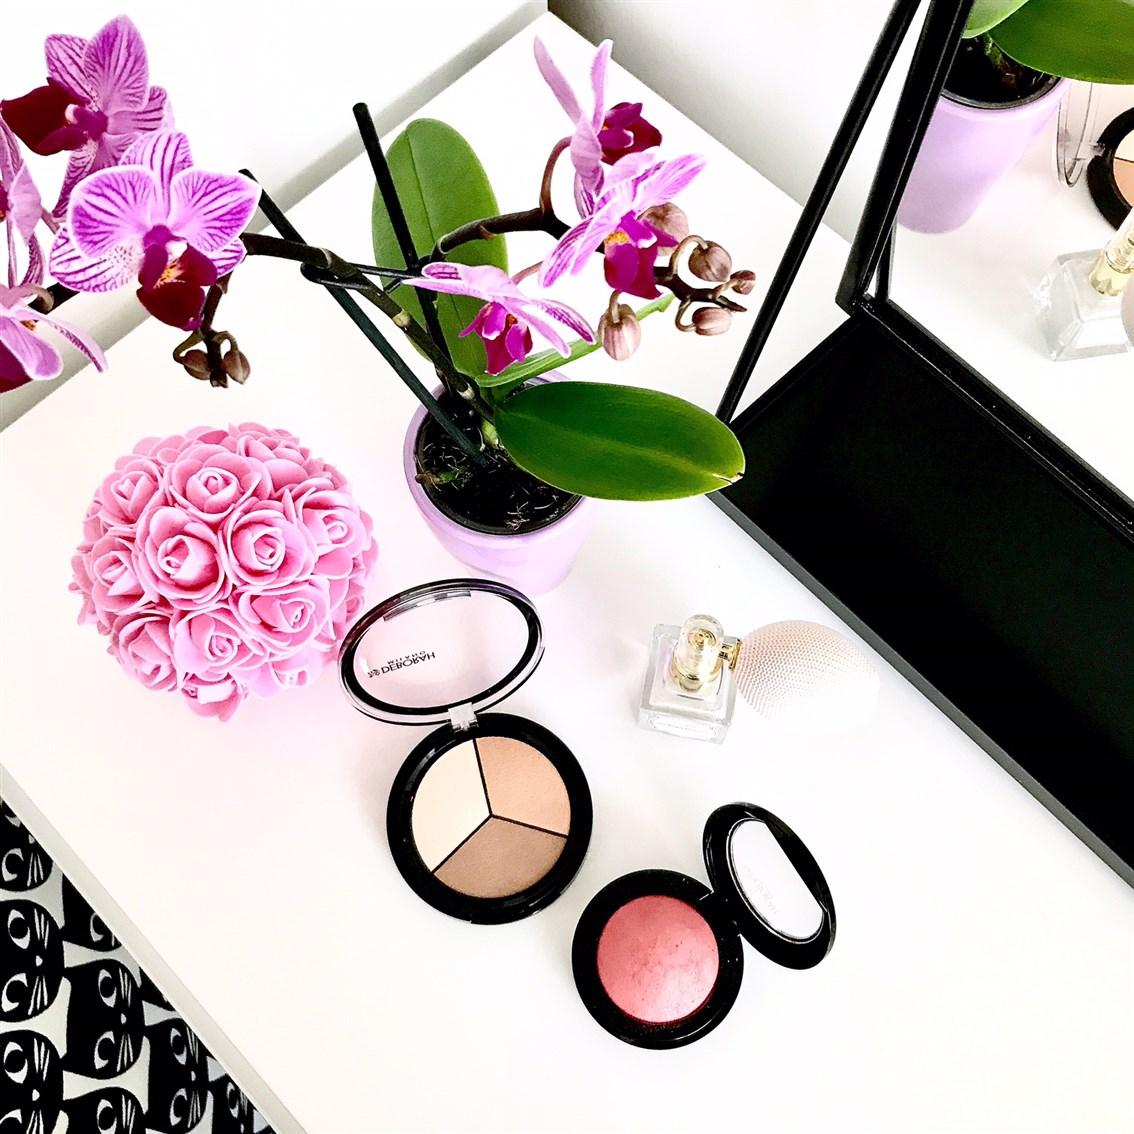 Zdjęcie przedstawiające kosmetyki Deborah Milano